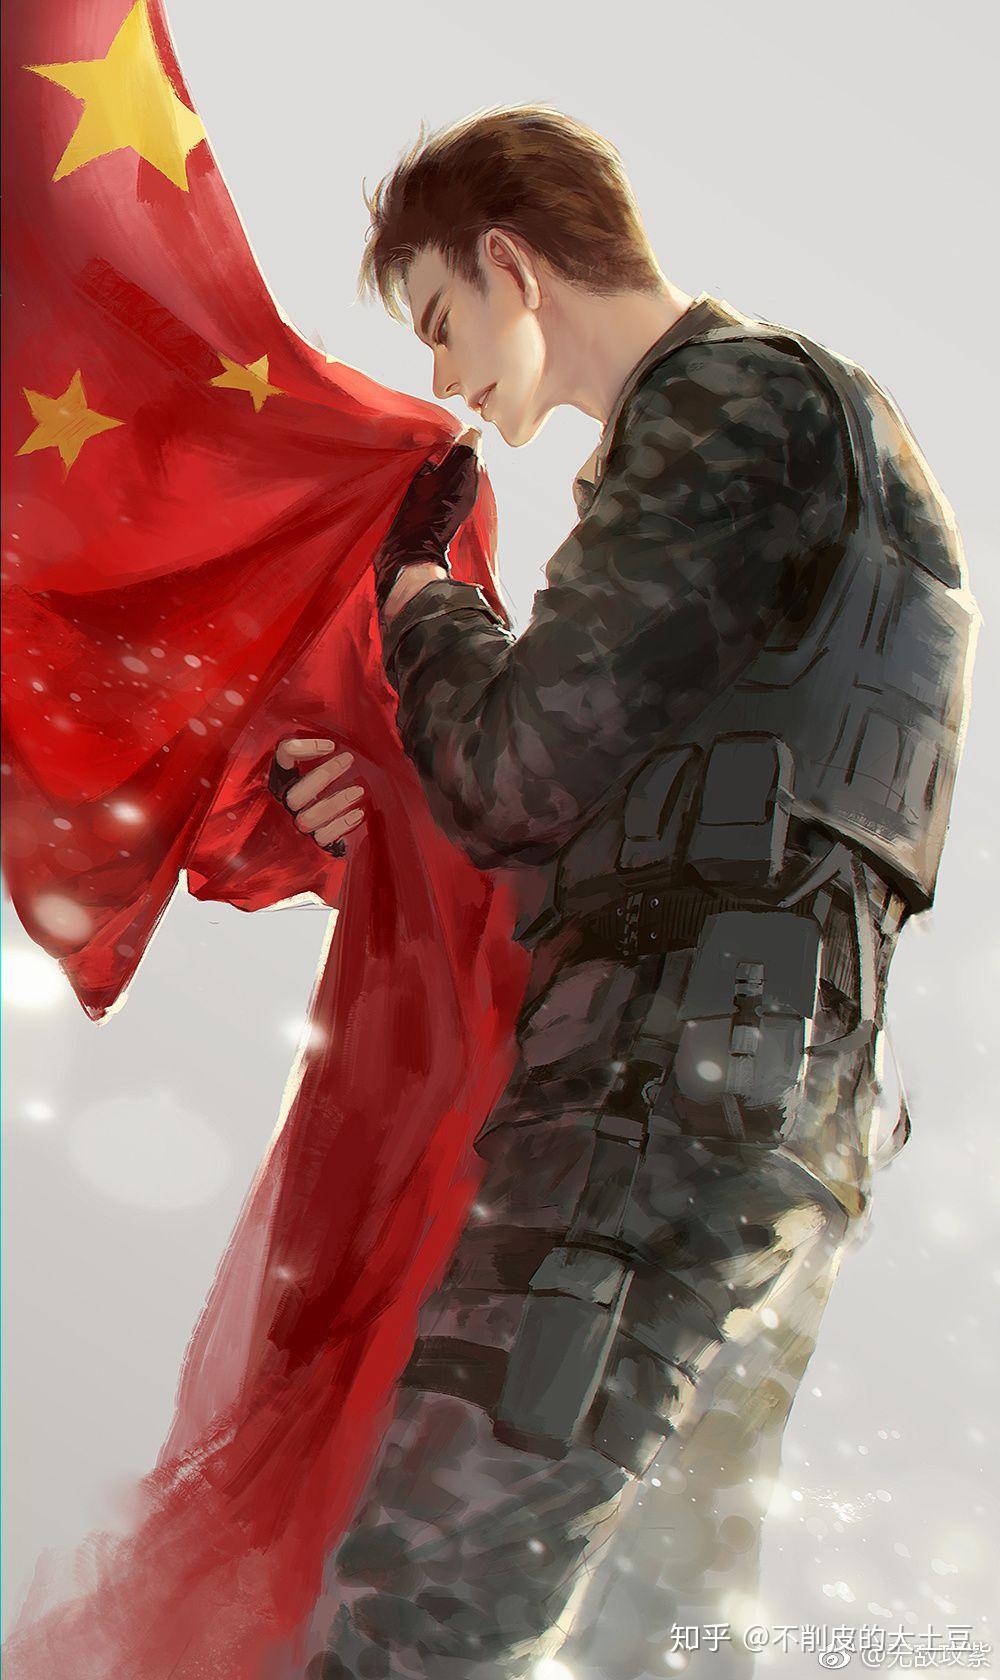 女主是军人的小说推荐 军官老婆有点冷